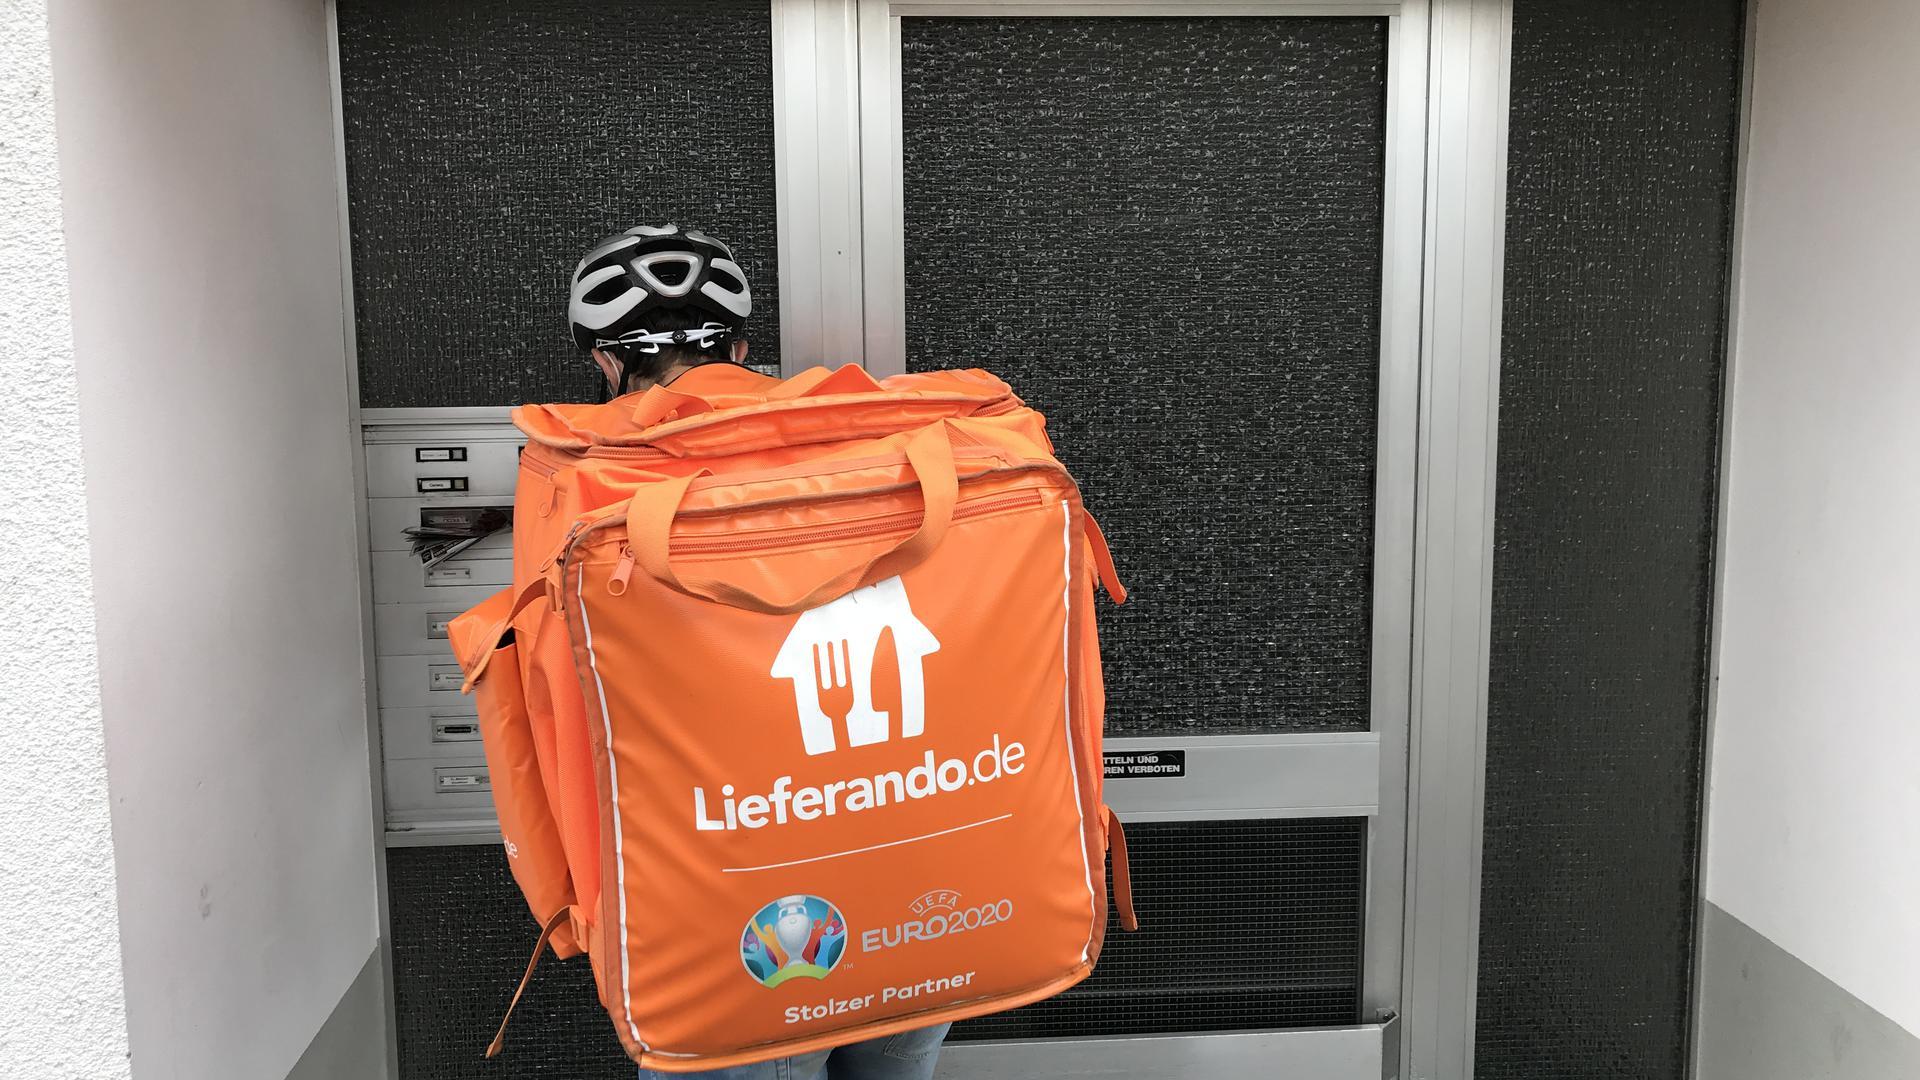 Kontaktlose Lieferung: Aus Hygienegründen stellt Markus Frenzeln die Lieferando-Ware im Treppenhaus des Kunden ab.